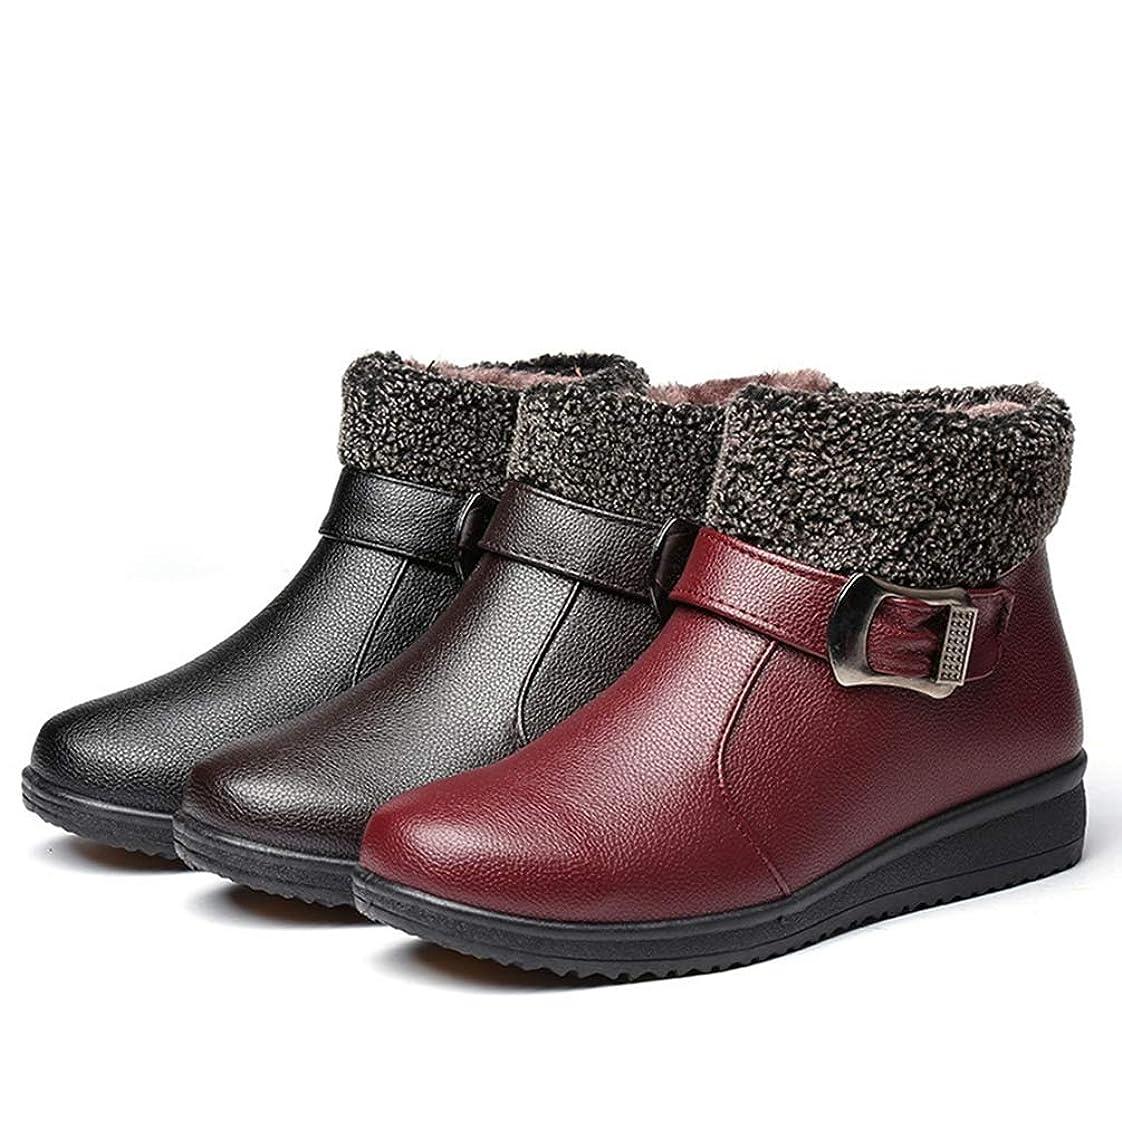 荷物繰り返しどこか婦人靴 スノーブーツ ショートブーツ ボア付き 厚底 ファー 防寒 ジッパー ベルト 冬用 歩きやすい 滑り止め 可愛い 疲れない 通勤 柔らかい 通学 オシャレ 保温 レッド ブラック ブラウン ママのシューズ